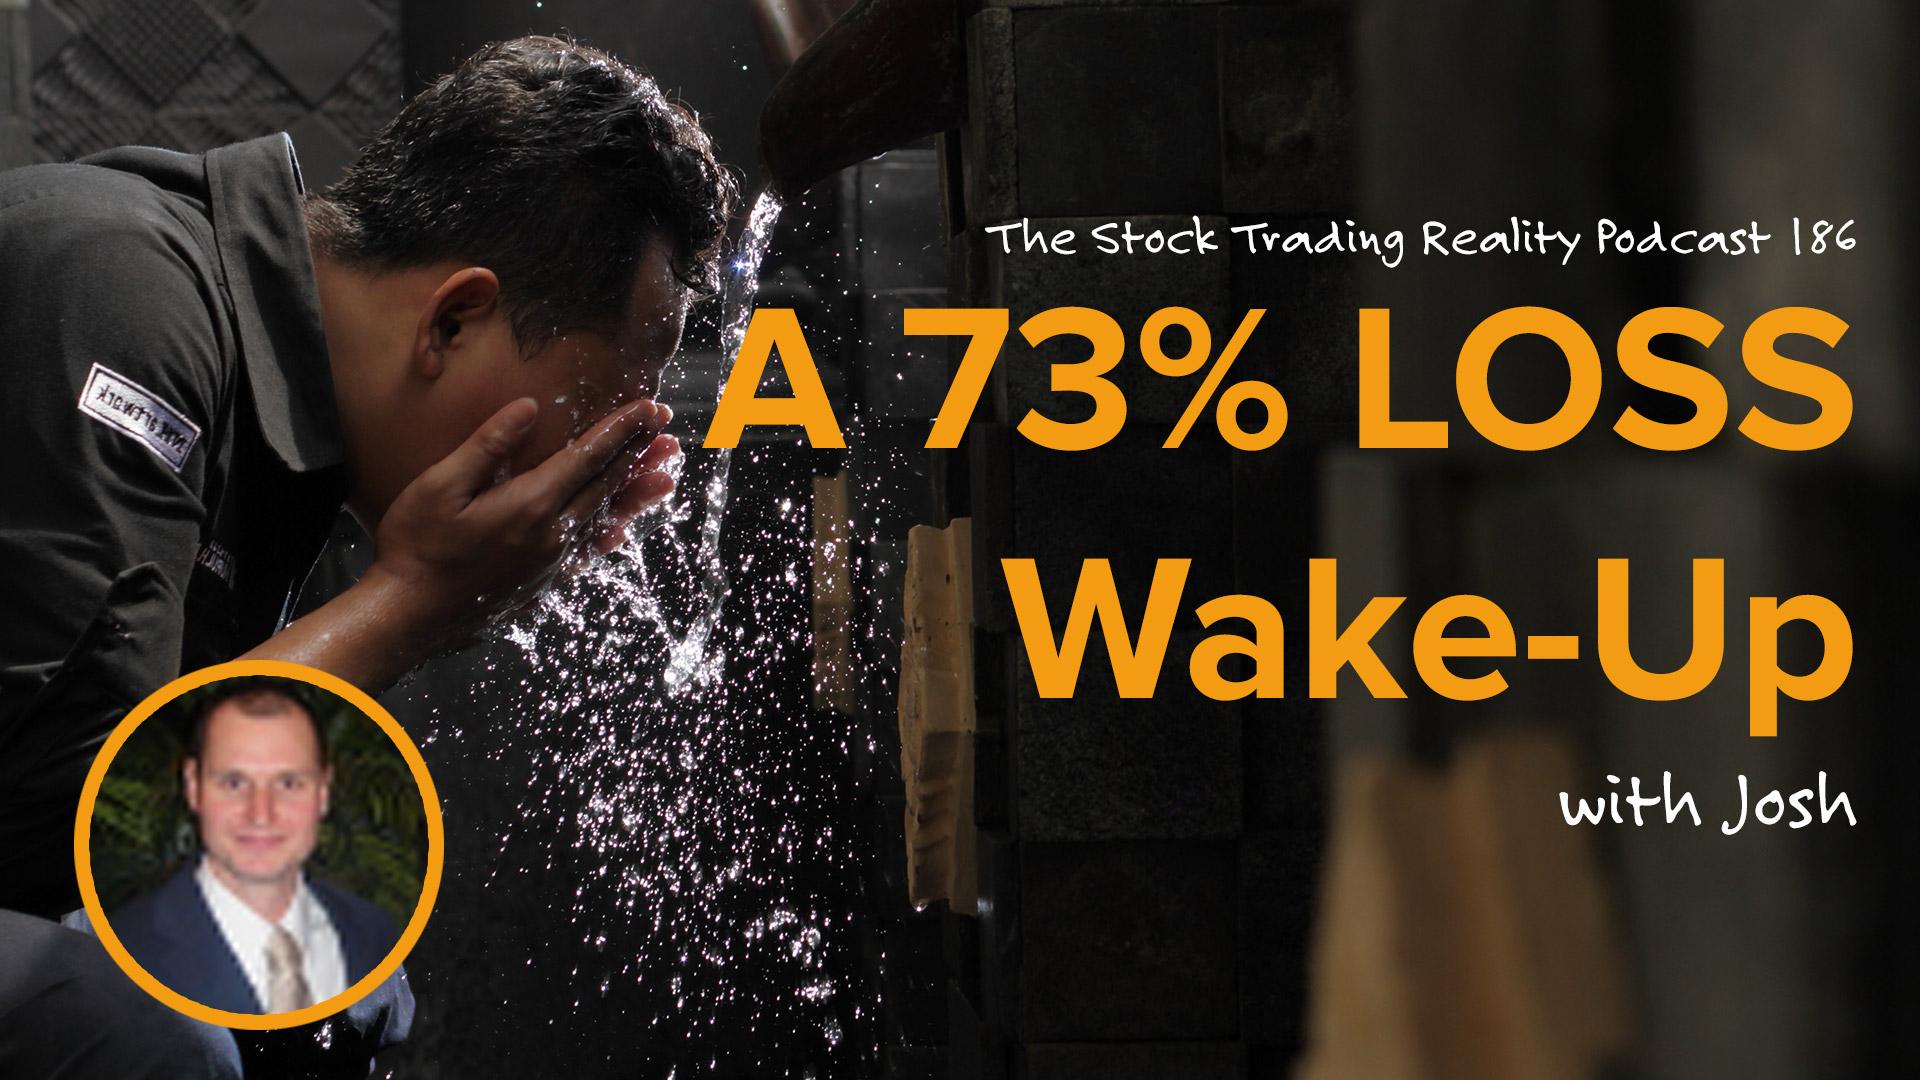 STR 186: A 73% LOSS Wake-Up